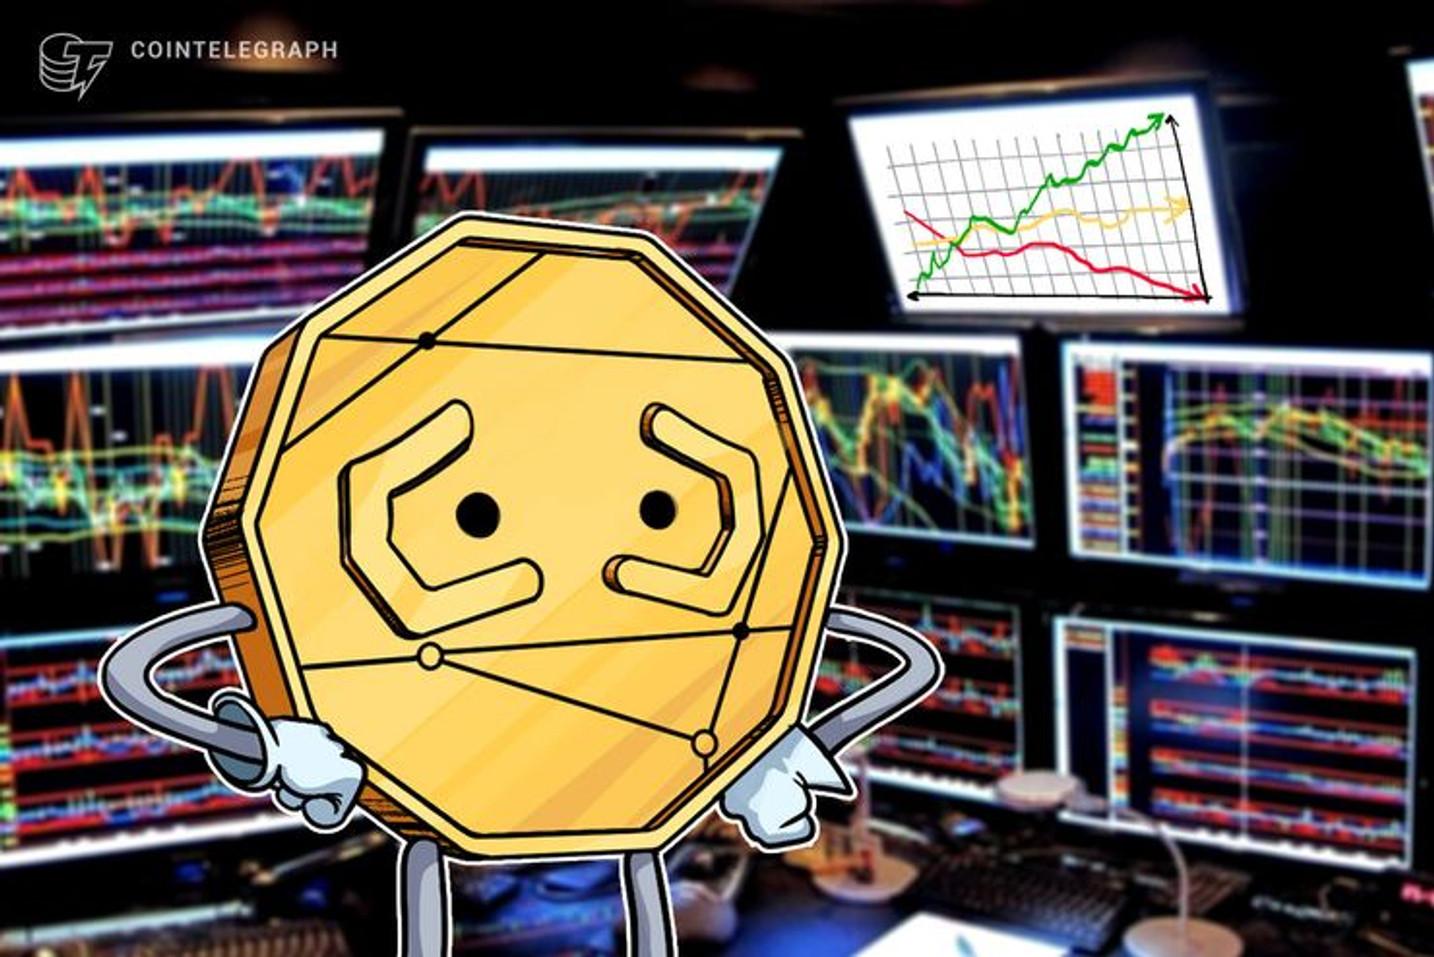 仮想通貨取引所GMOコイン、BTC/JPYのレバレッジ取引でマイナス手数料を導入